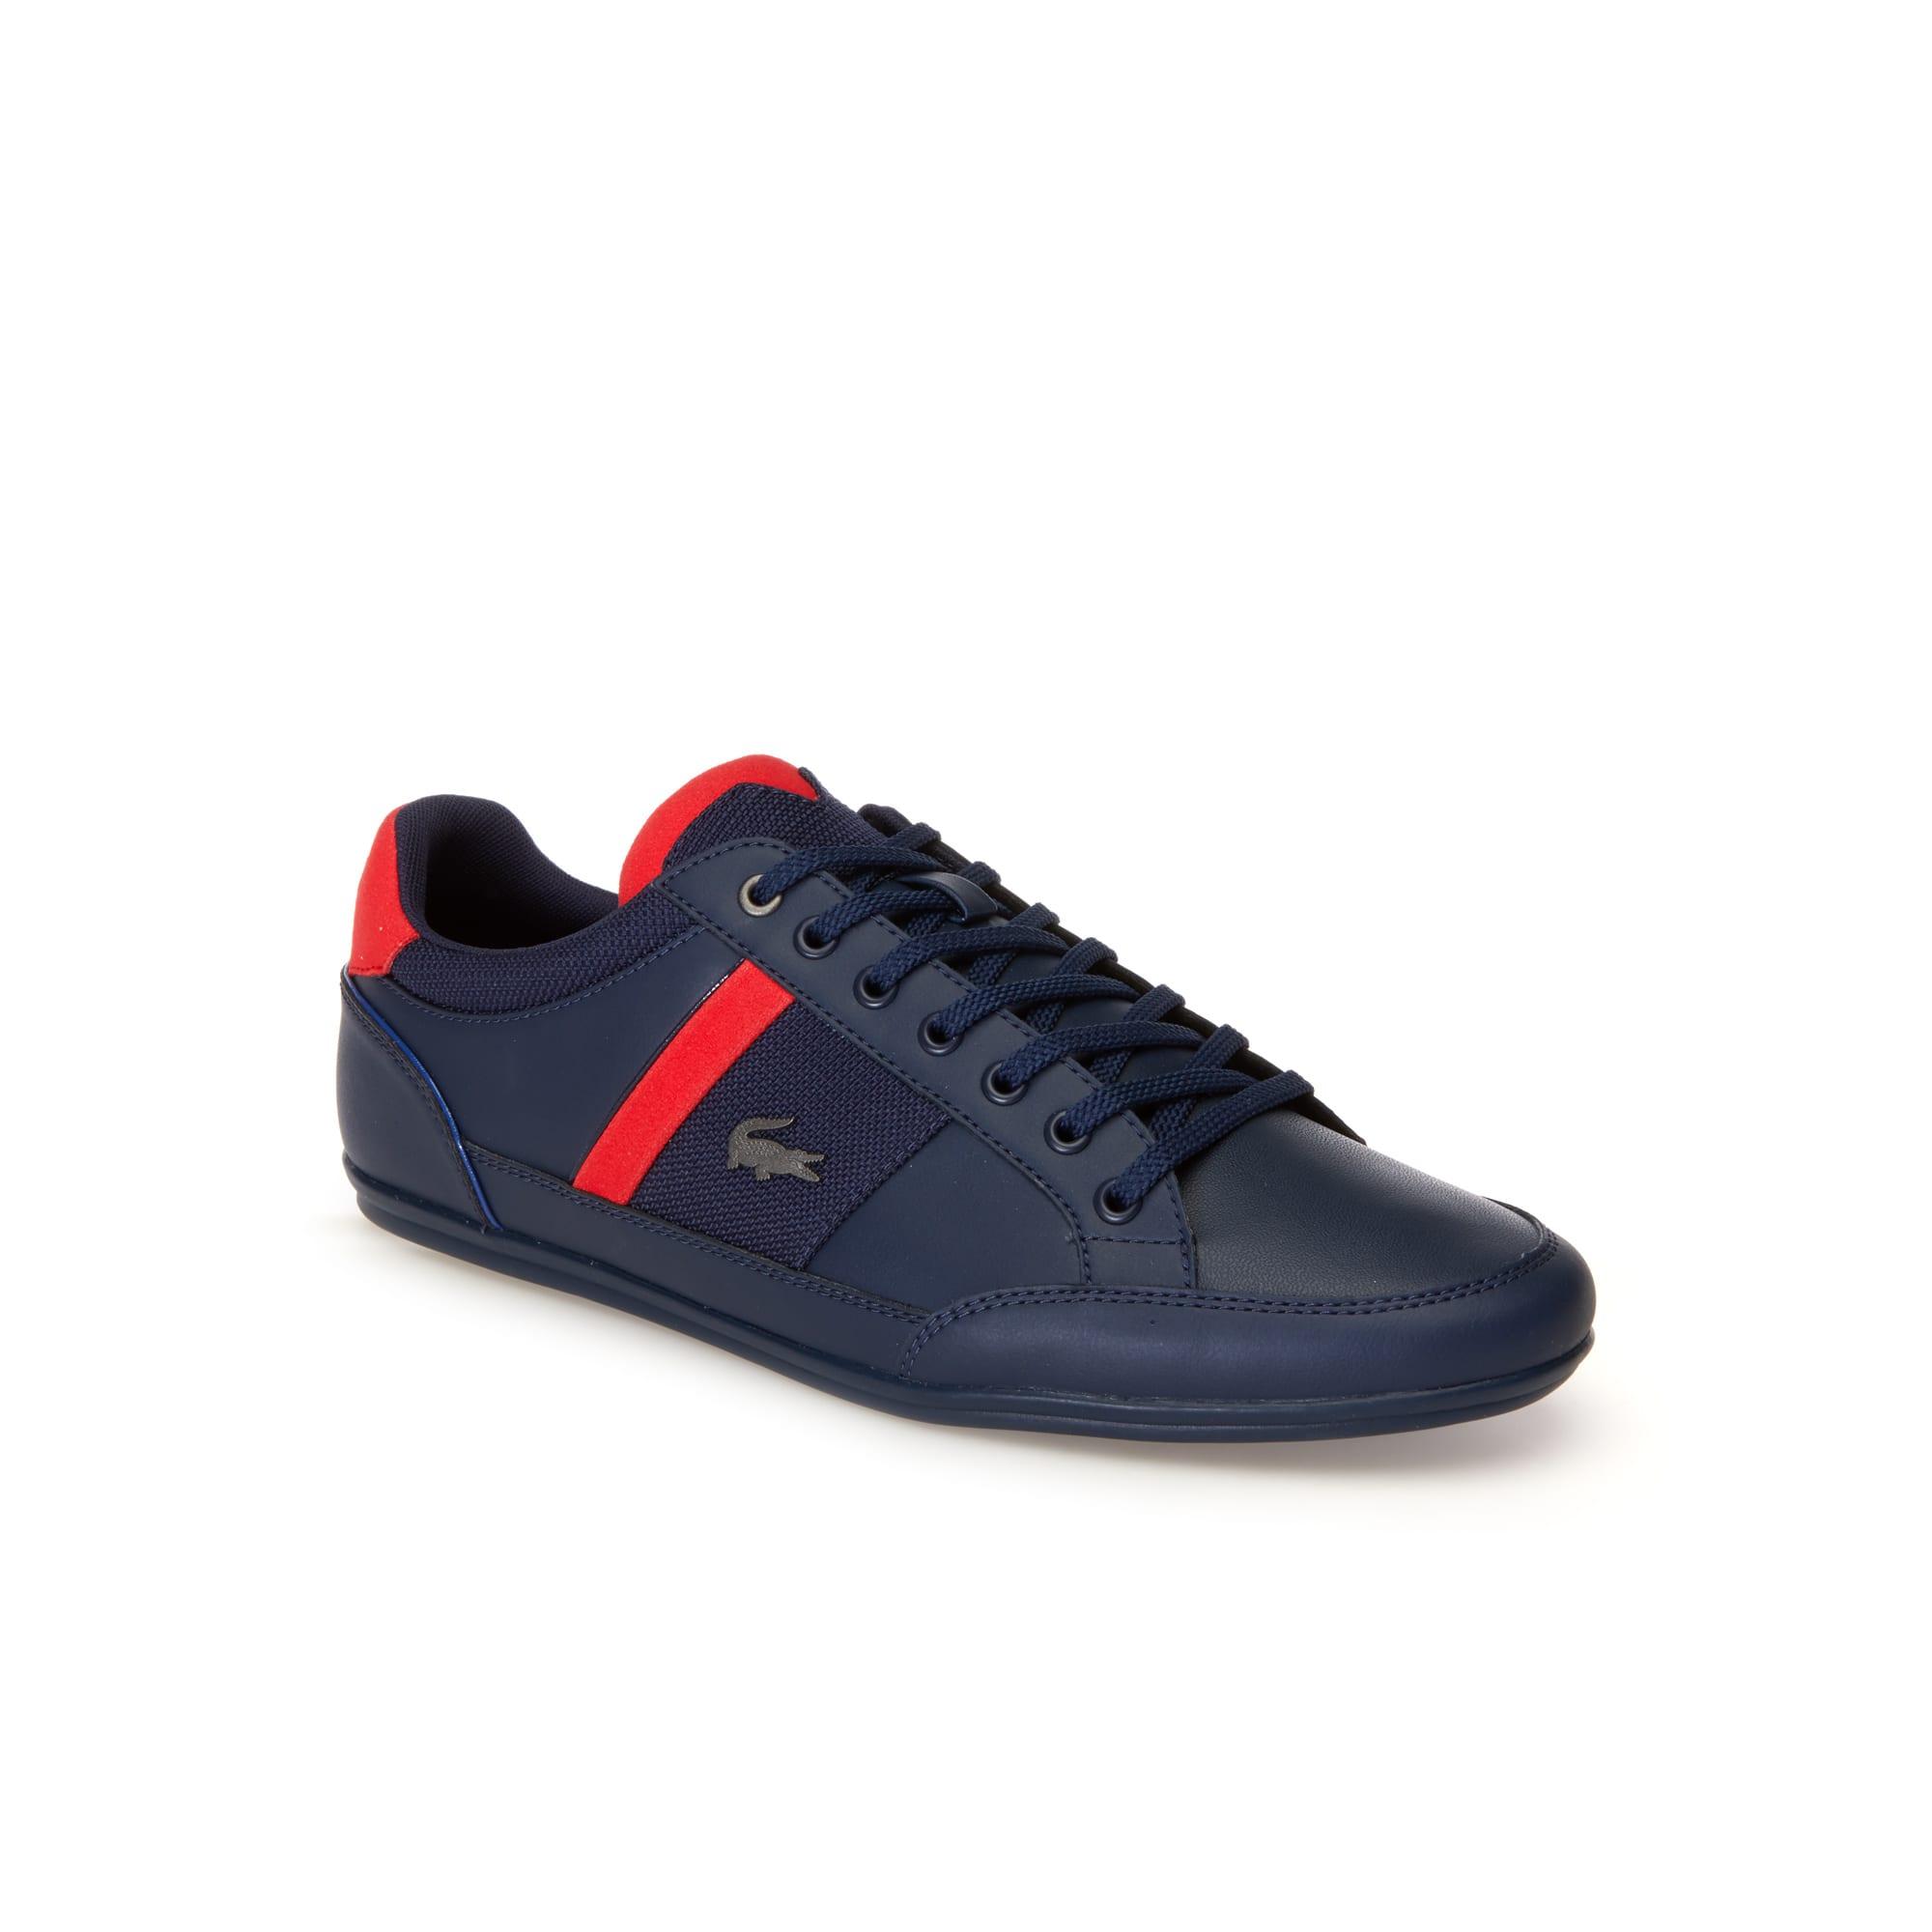 5c227189cc Calçados masculinos Lacoste  Sneakers